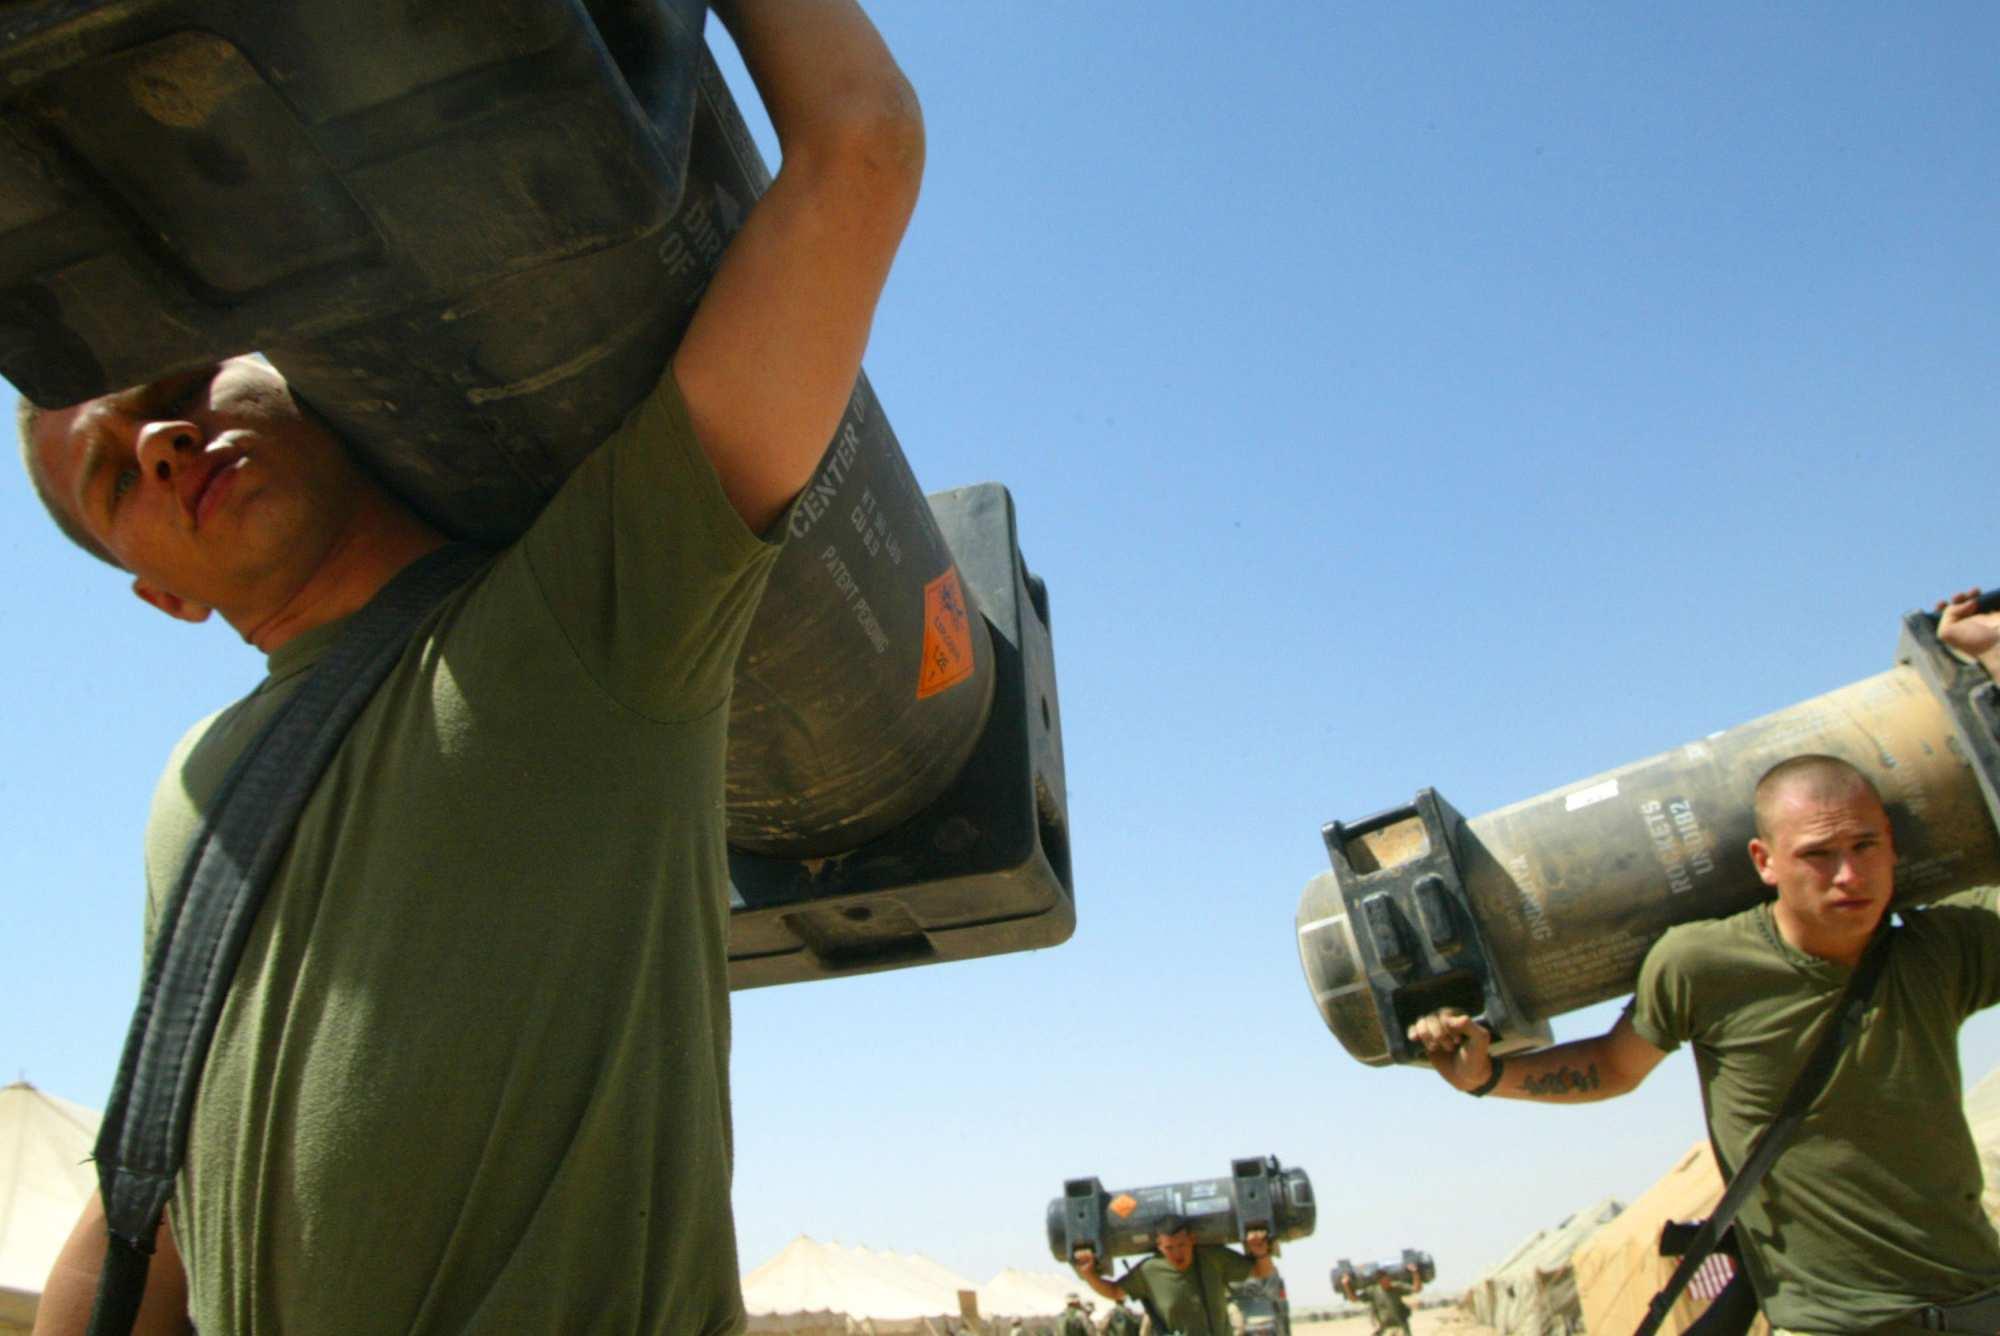 США уже продают Украине летальное оружие — модернизированное советское | Русская весна